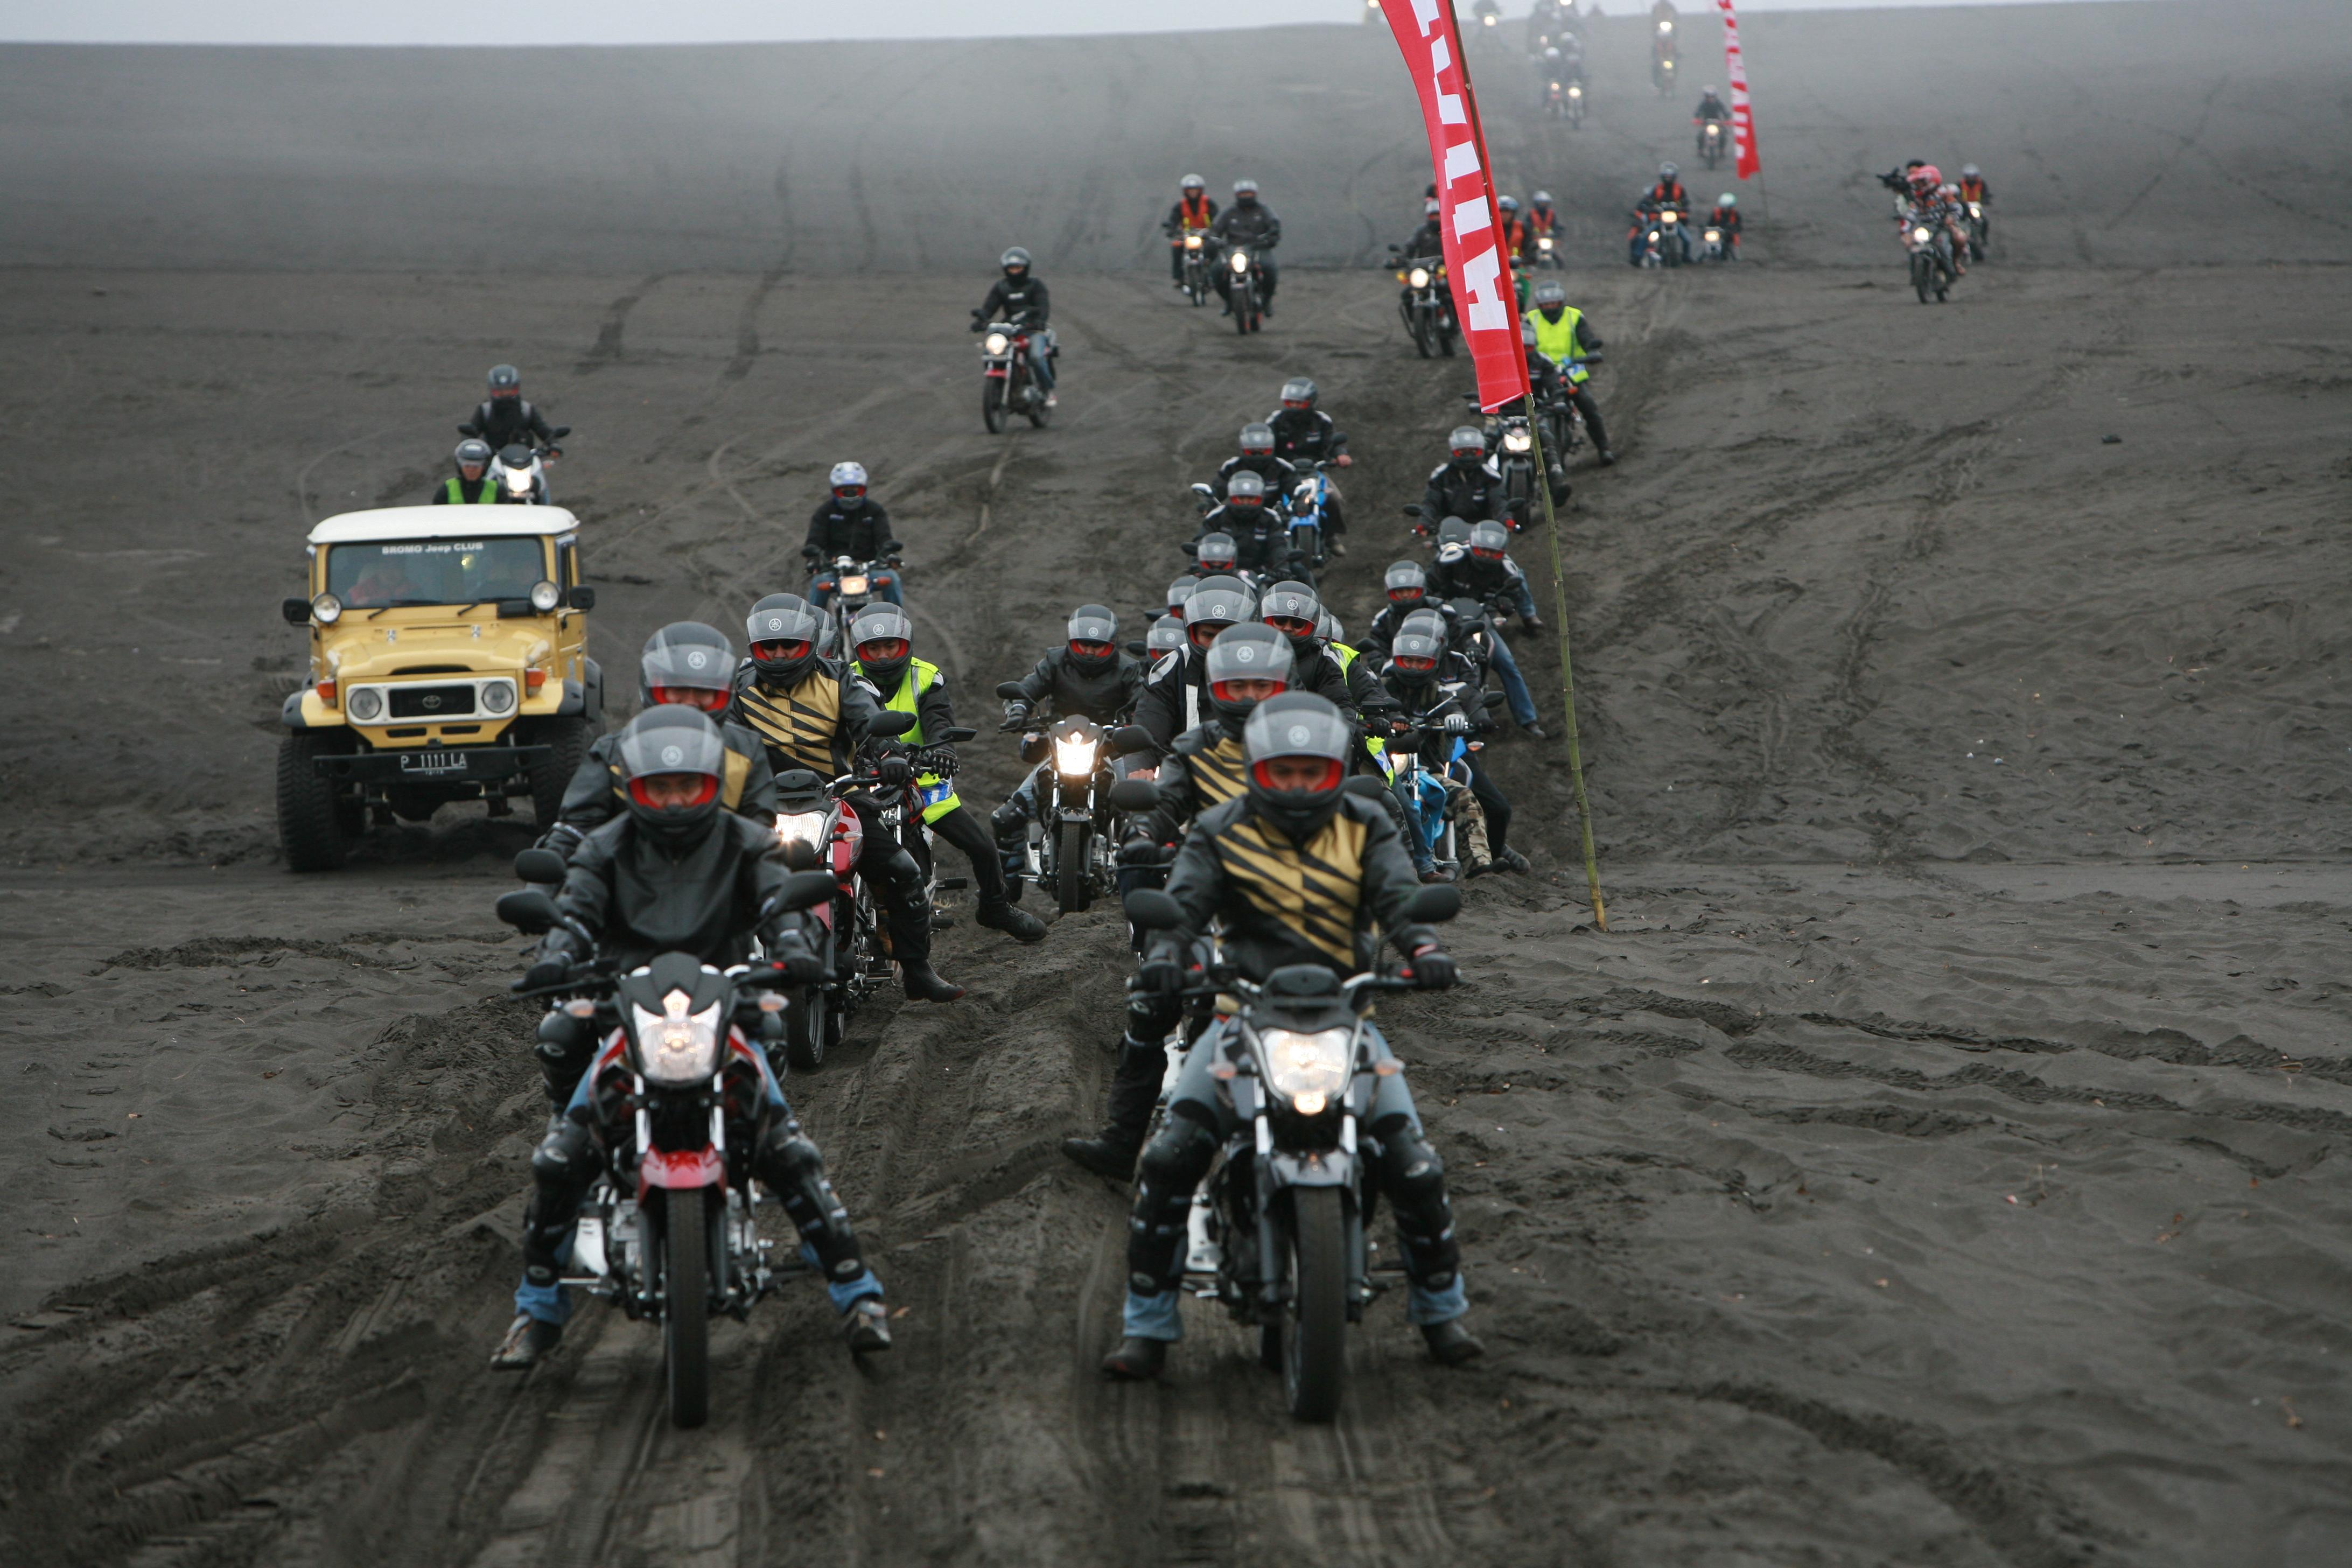 Rombongan bikers Yamaha saat melintas padang pasir. (foto:dok ymki)